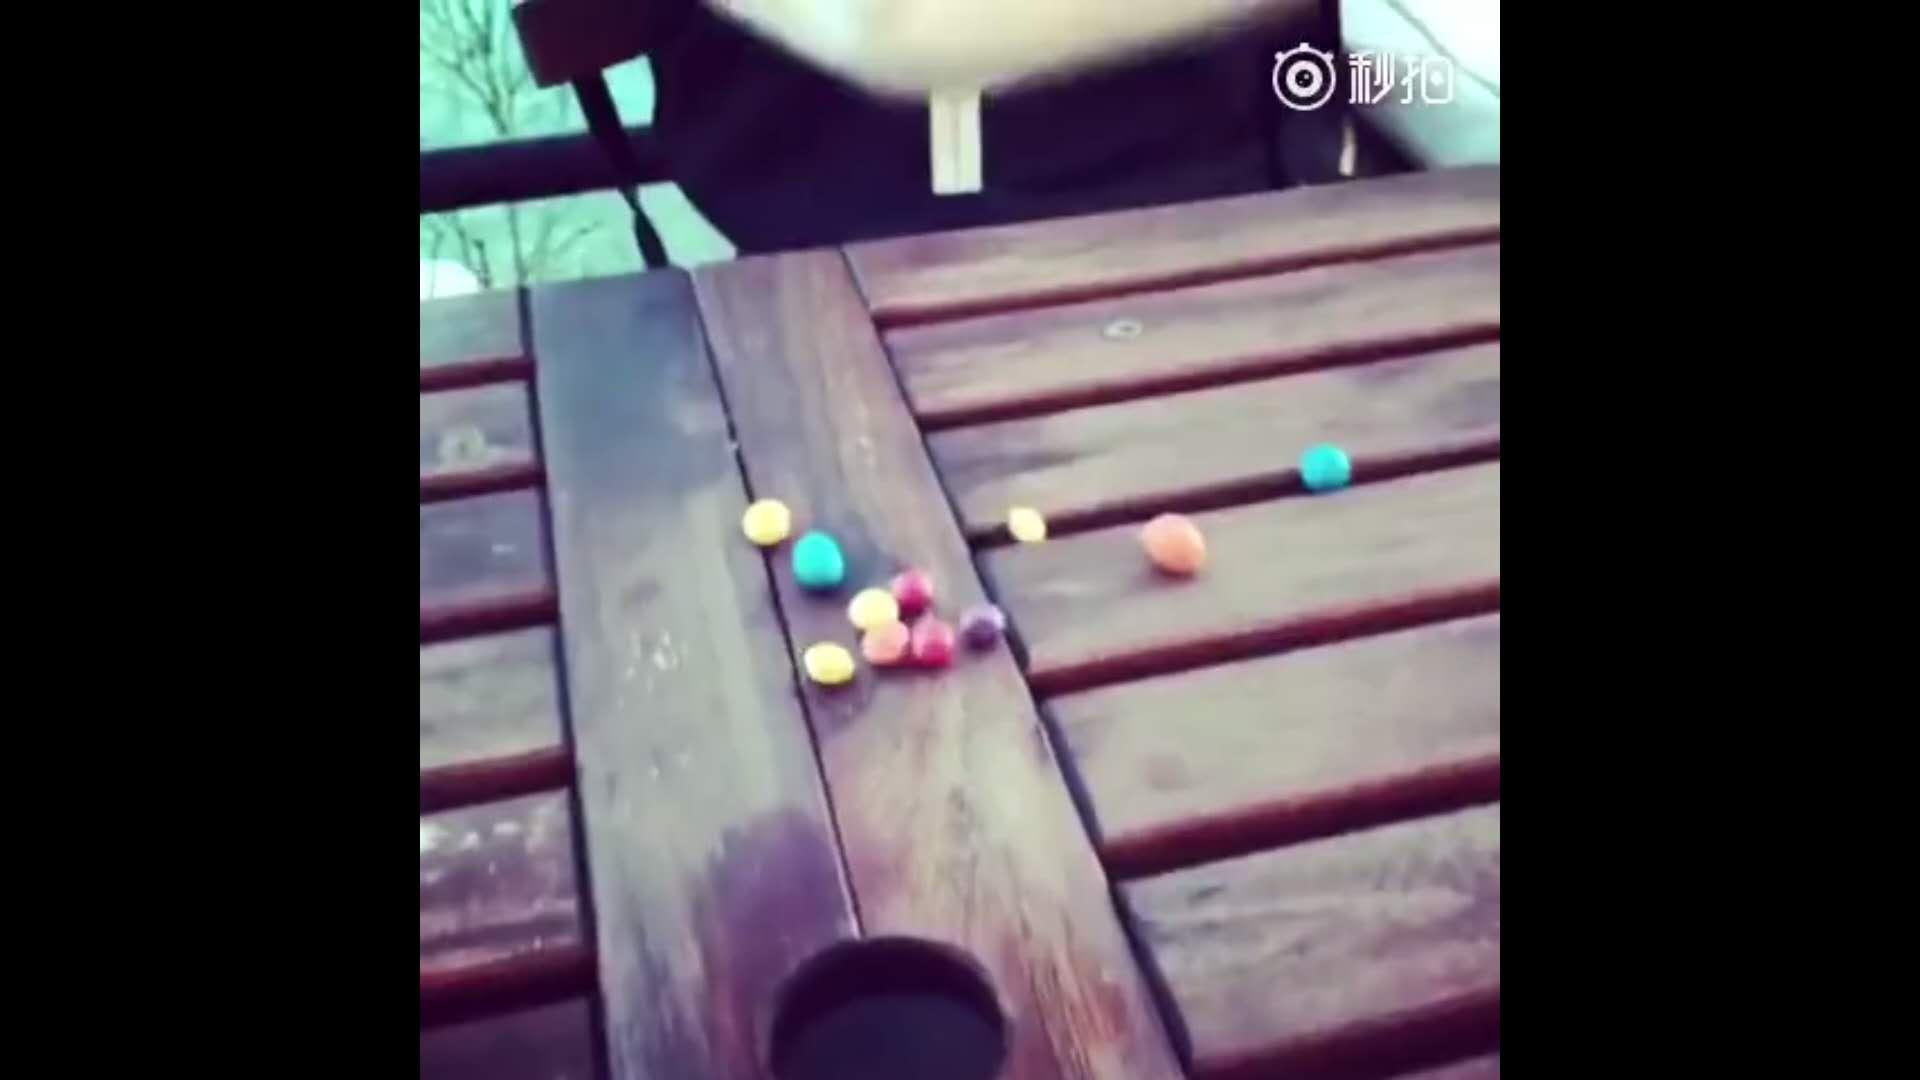 魔方变成彩虹糖